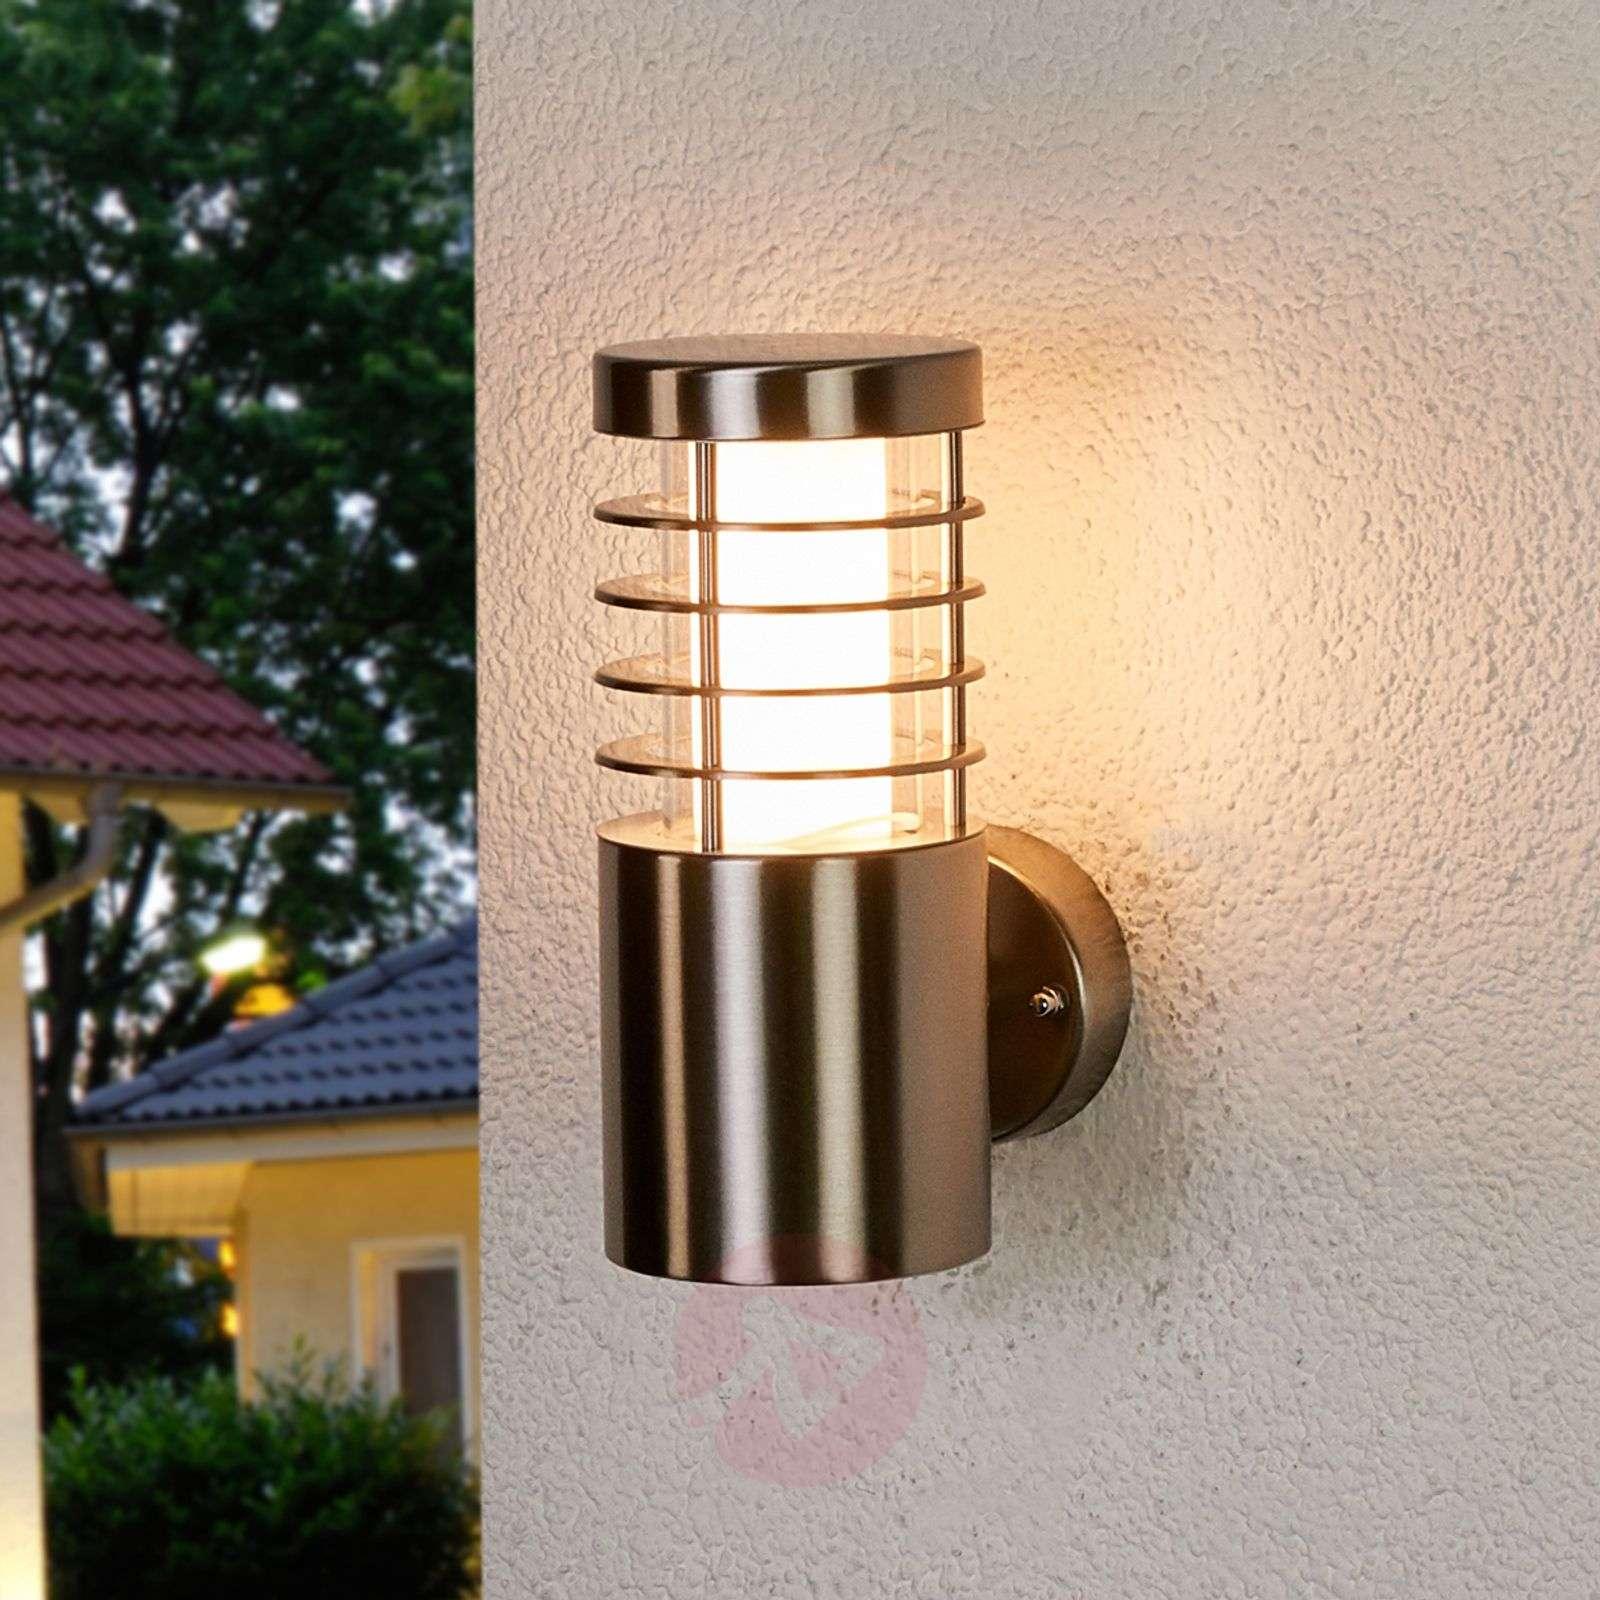 LED-ulkoseinävalaisin Dila ruostumatonta terästä-9945015-03